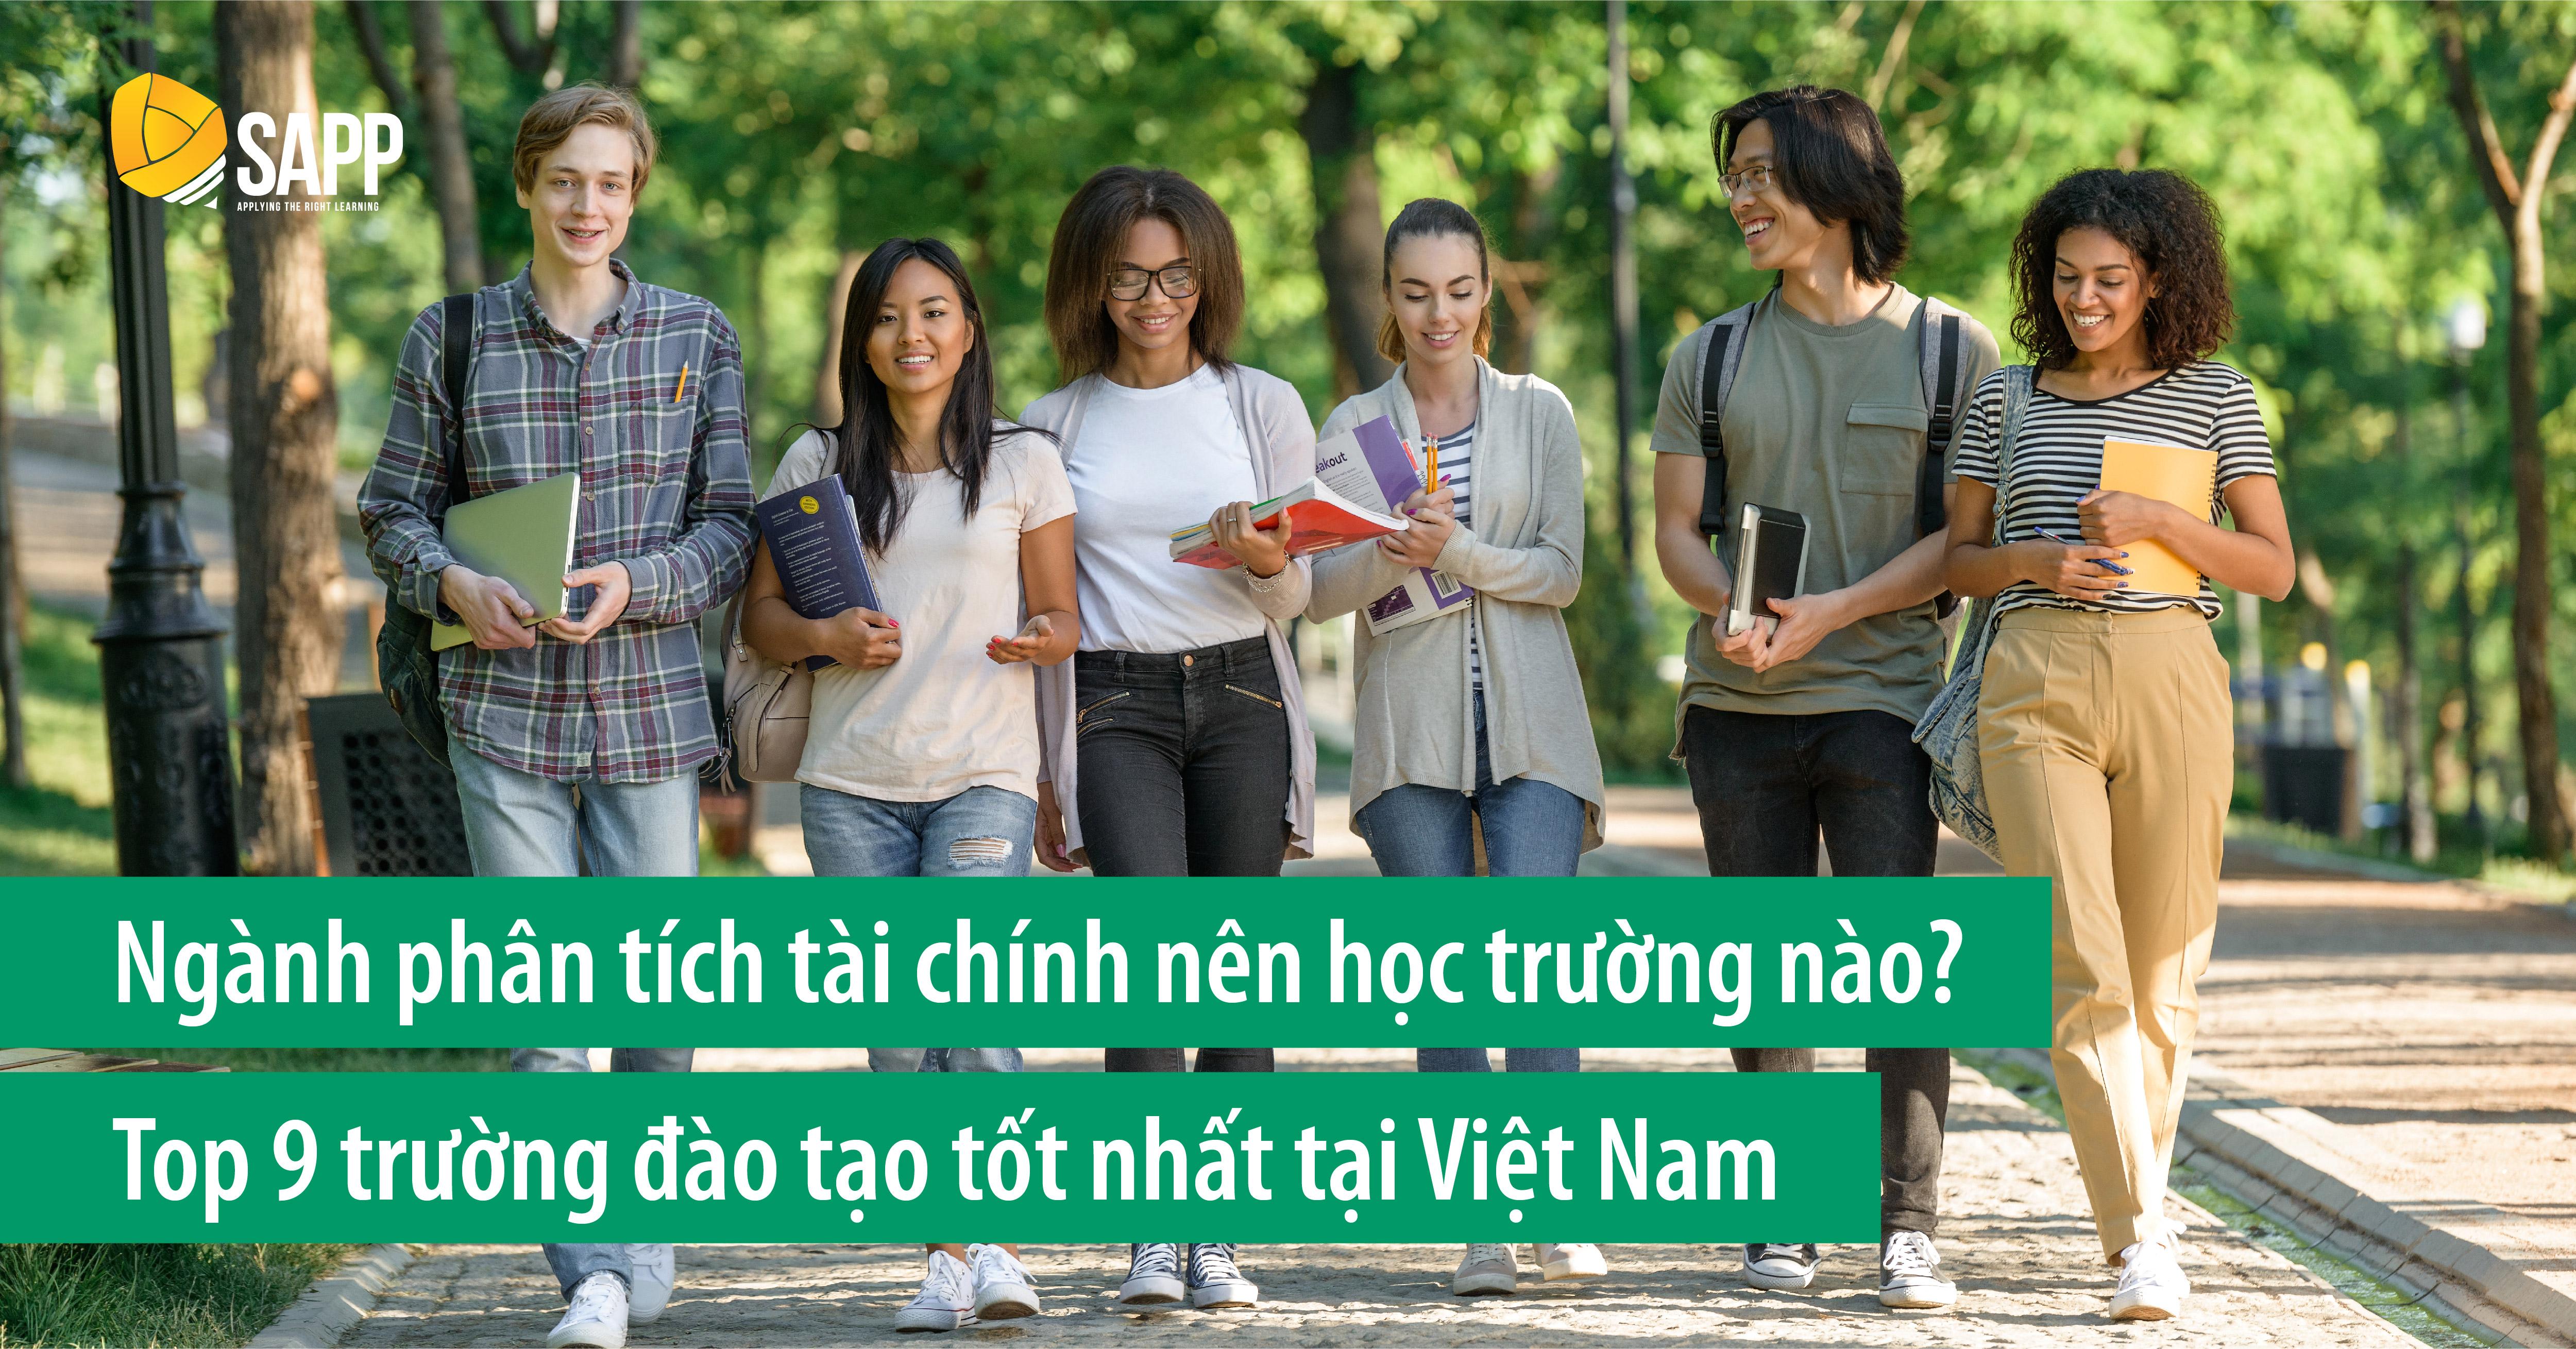 Ngành Phân Tích Tài Chính Học Trường Nào? Top 9 Trường Đào Tạo Tốt Nhất Tại Việt Nam